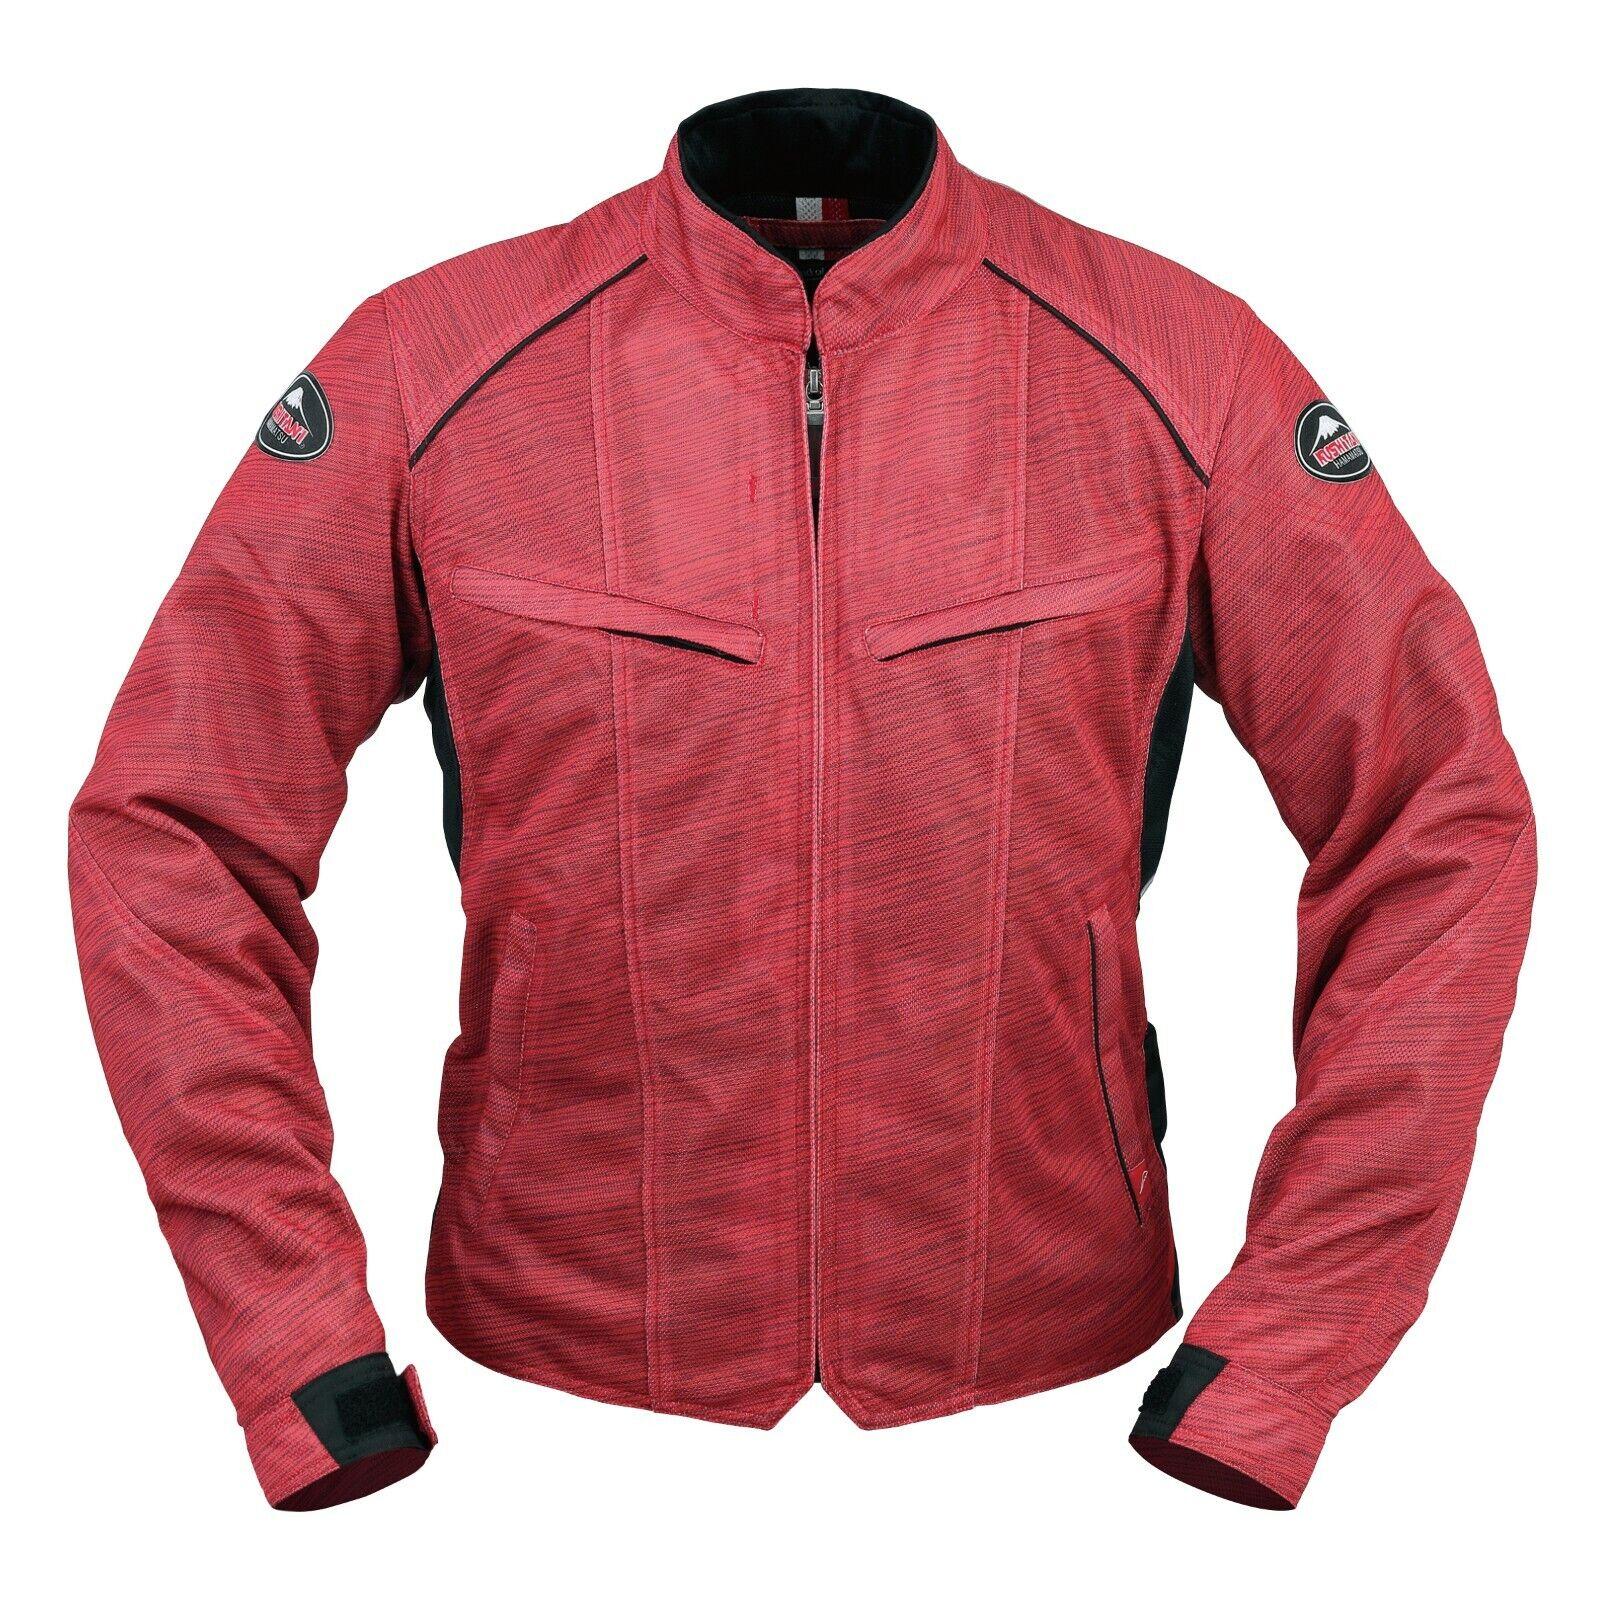 KUSHITANI GENUINE OEM FULL MESH JACKET K-2338 rot MOTORCYCLE RIDING WEAR